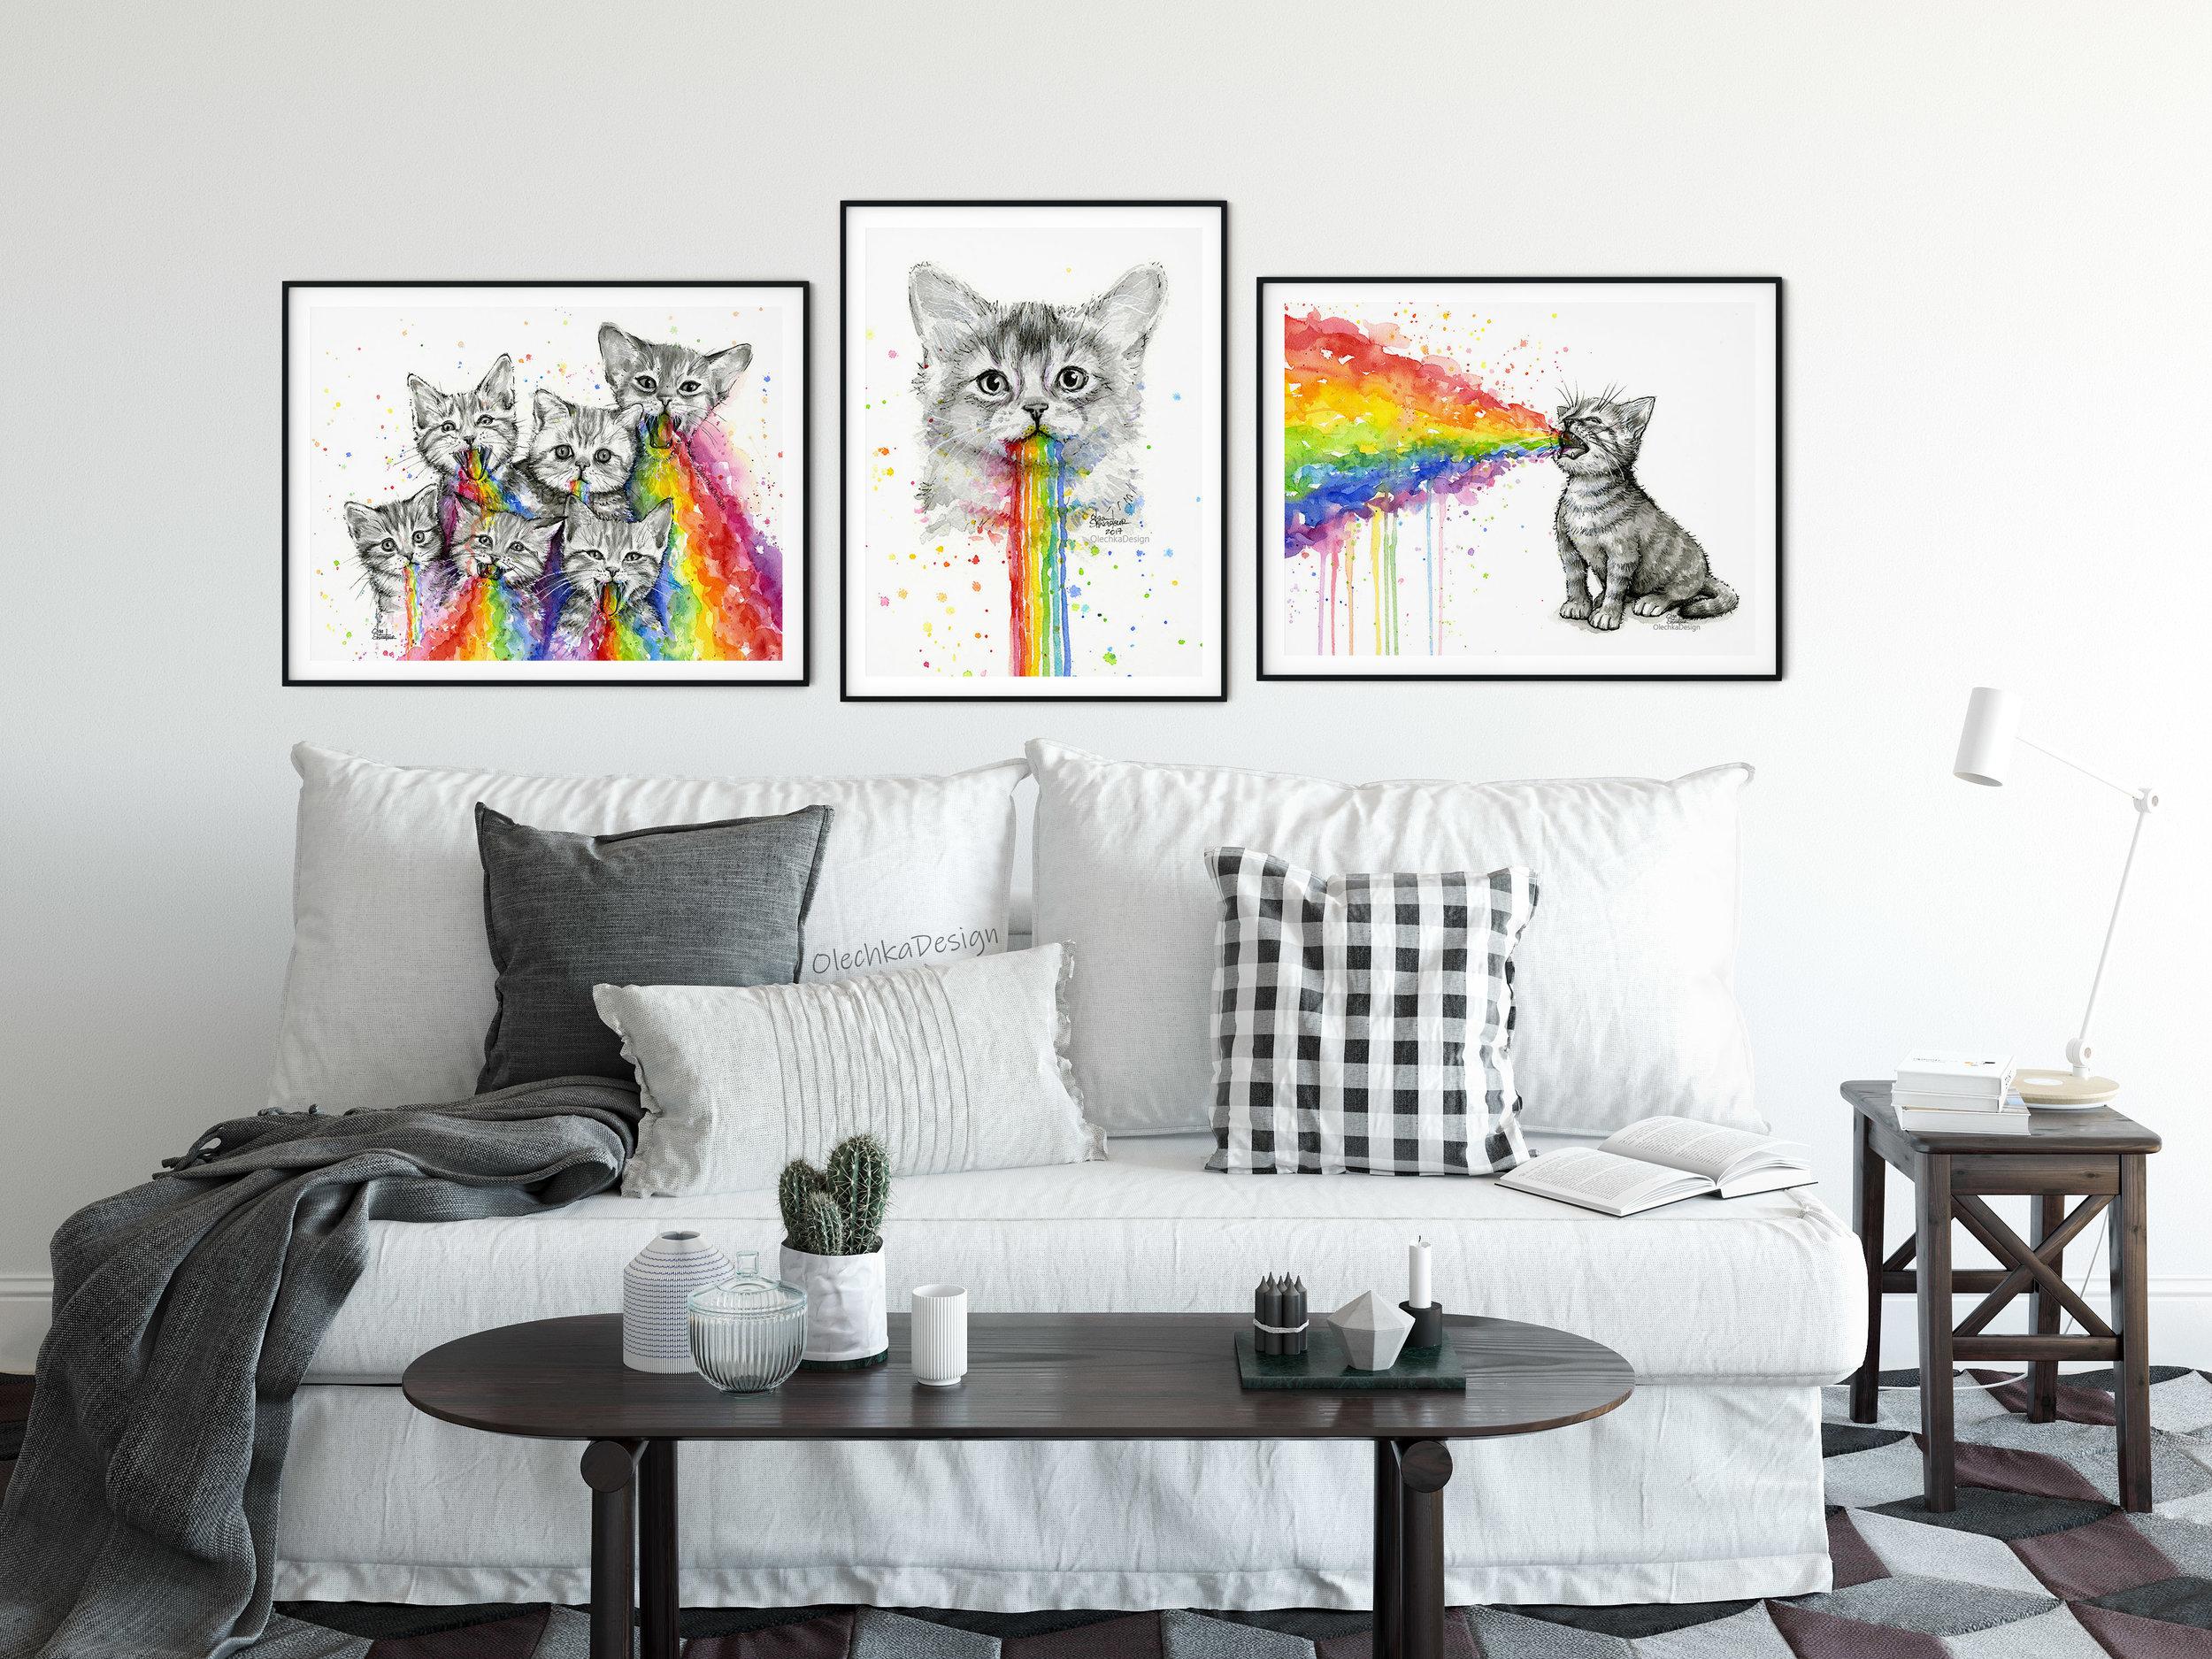 cat-rainbow-puke-rainbow-animal-art-prints.jpg